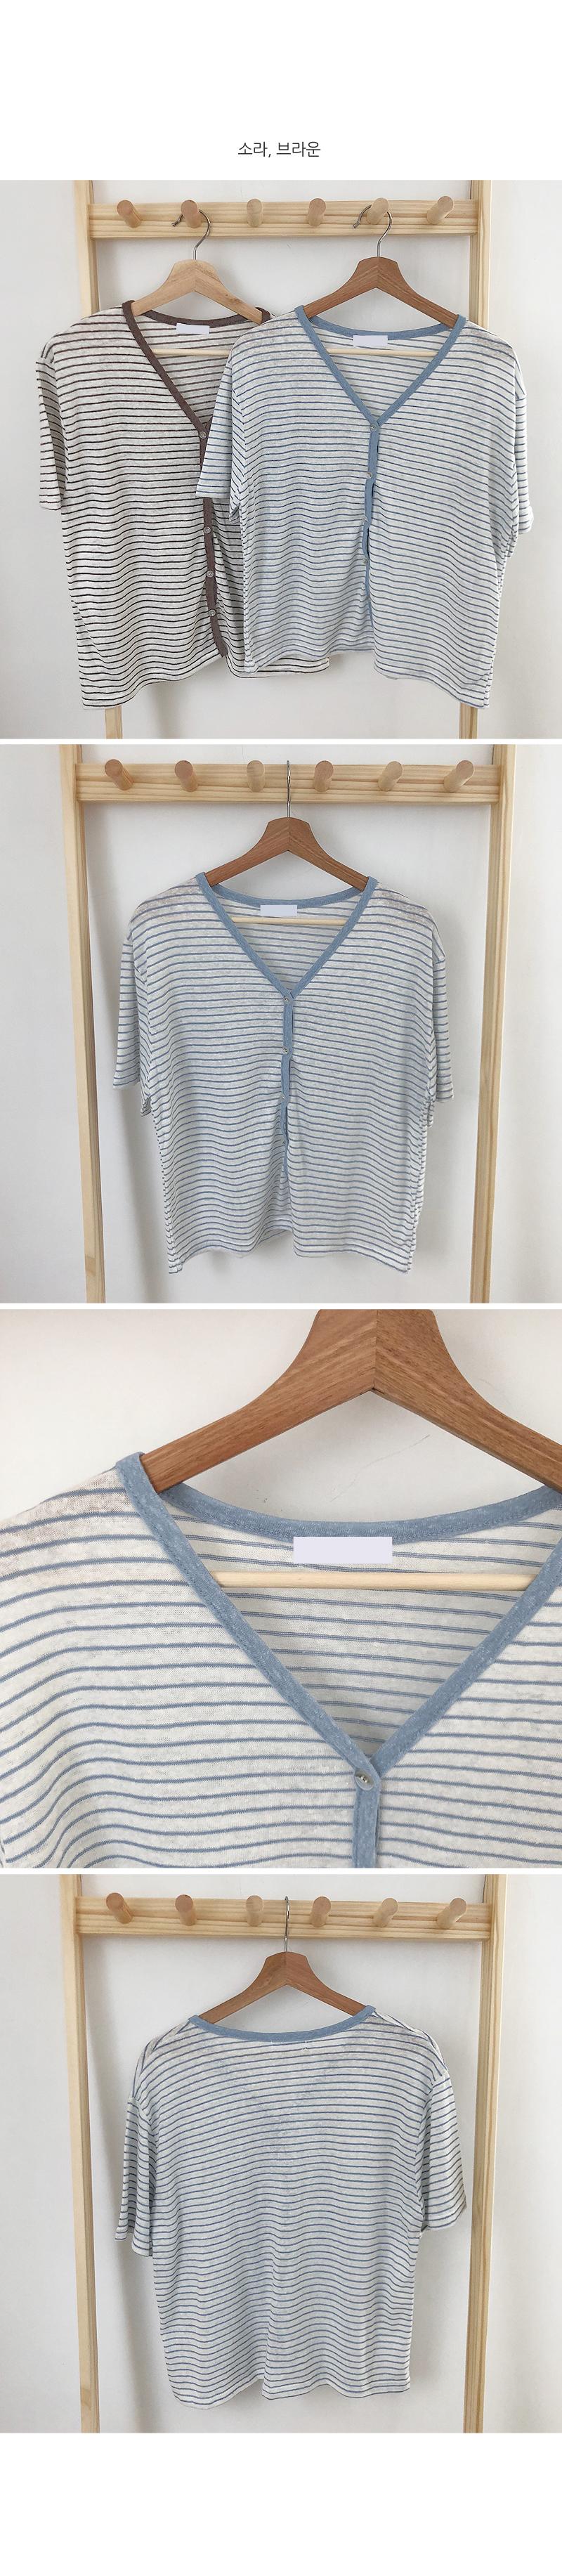 V-neck Striped Summer Cardigan